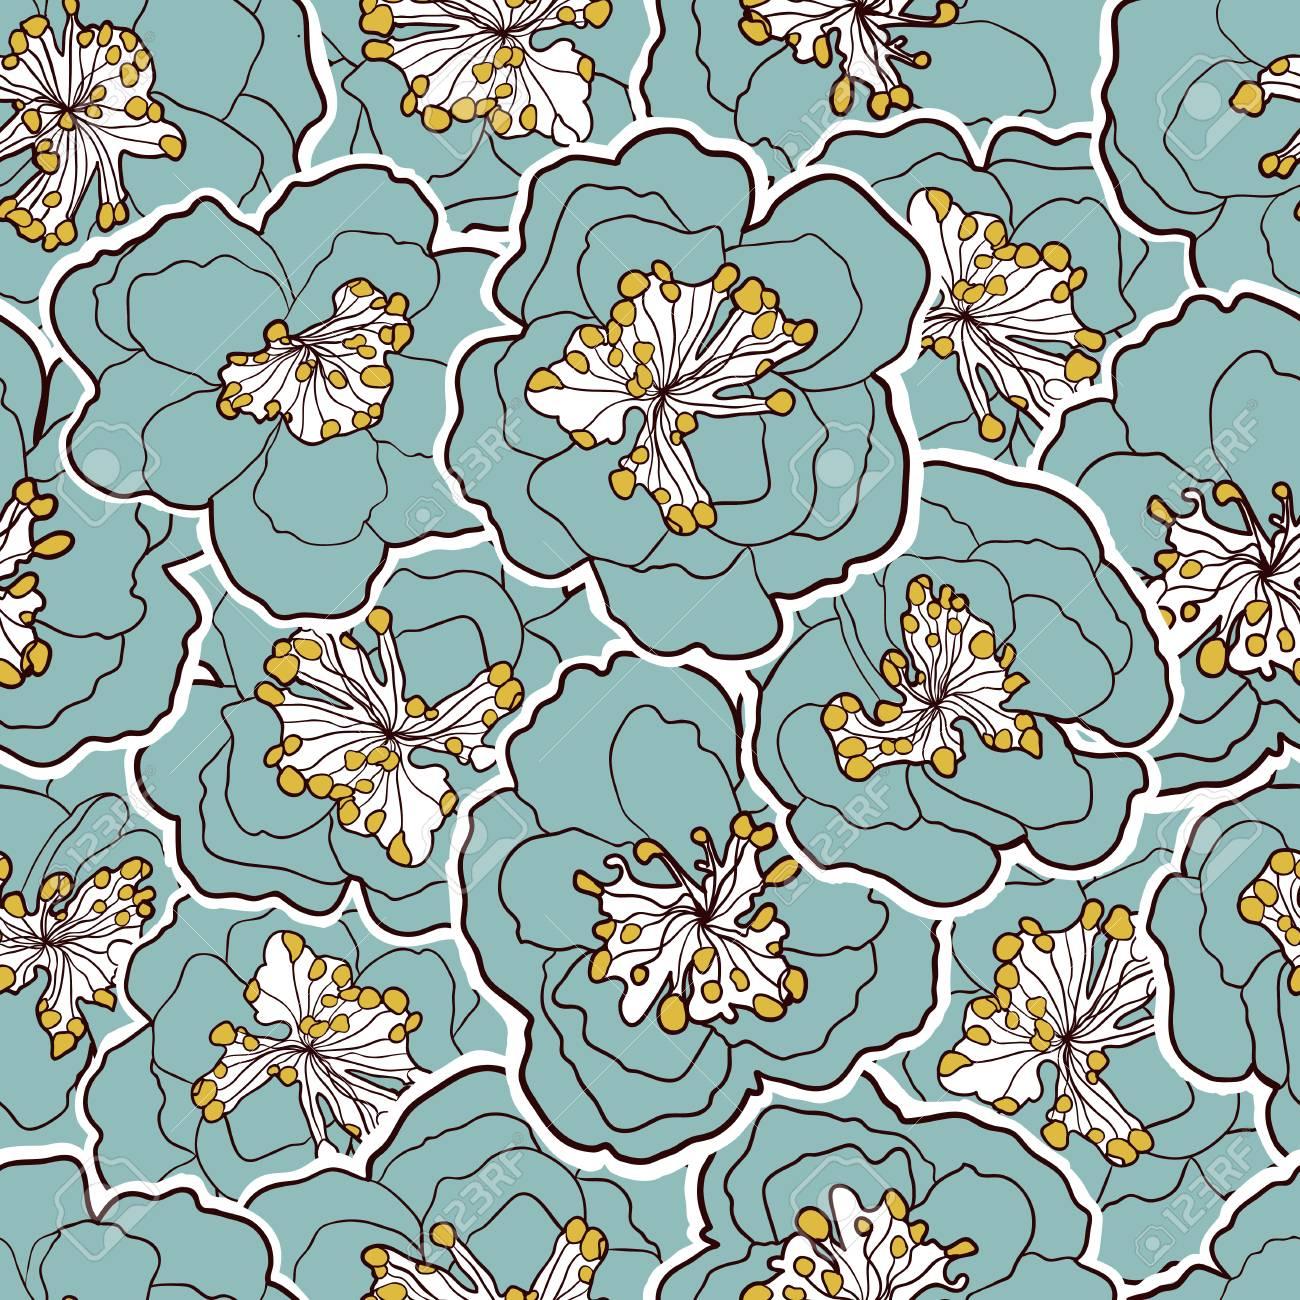 美しいシームレスな花柄 庭の花青い花 ベクトル イラスト